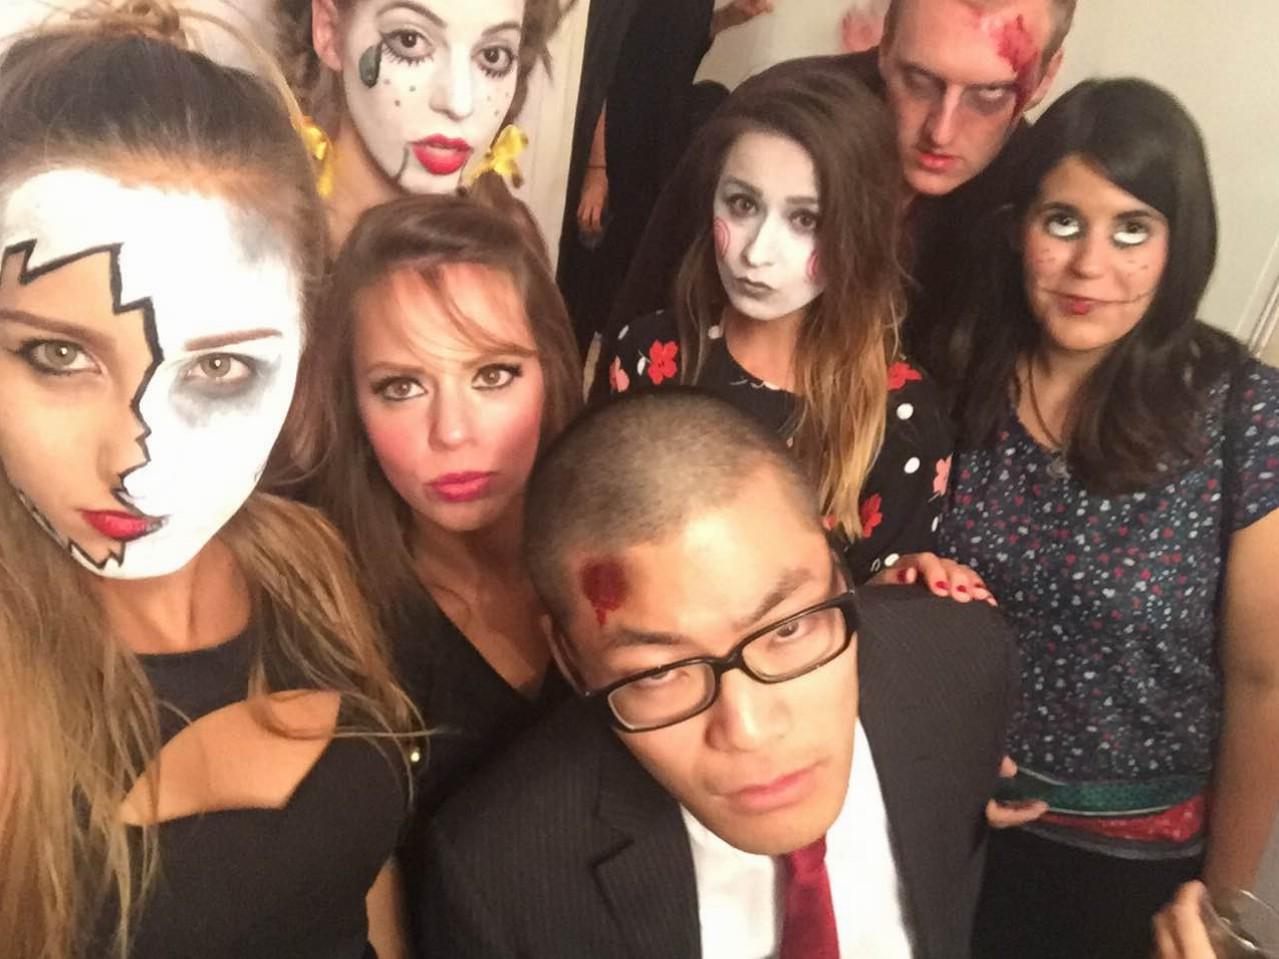 Spolu s priateľmi si užila aj typickú Halloweensku párty (zdroj: Lucia Pálová).